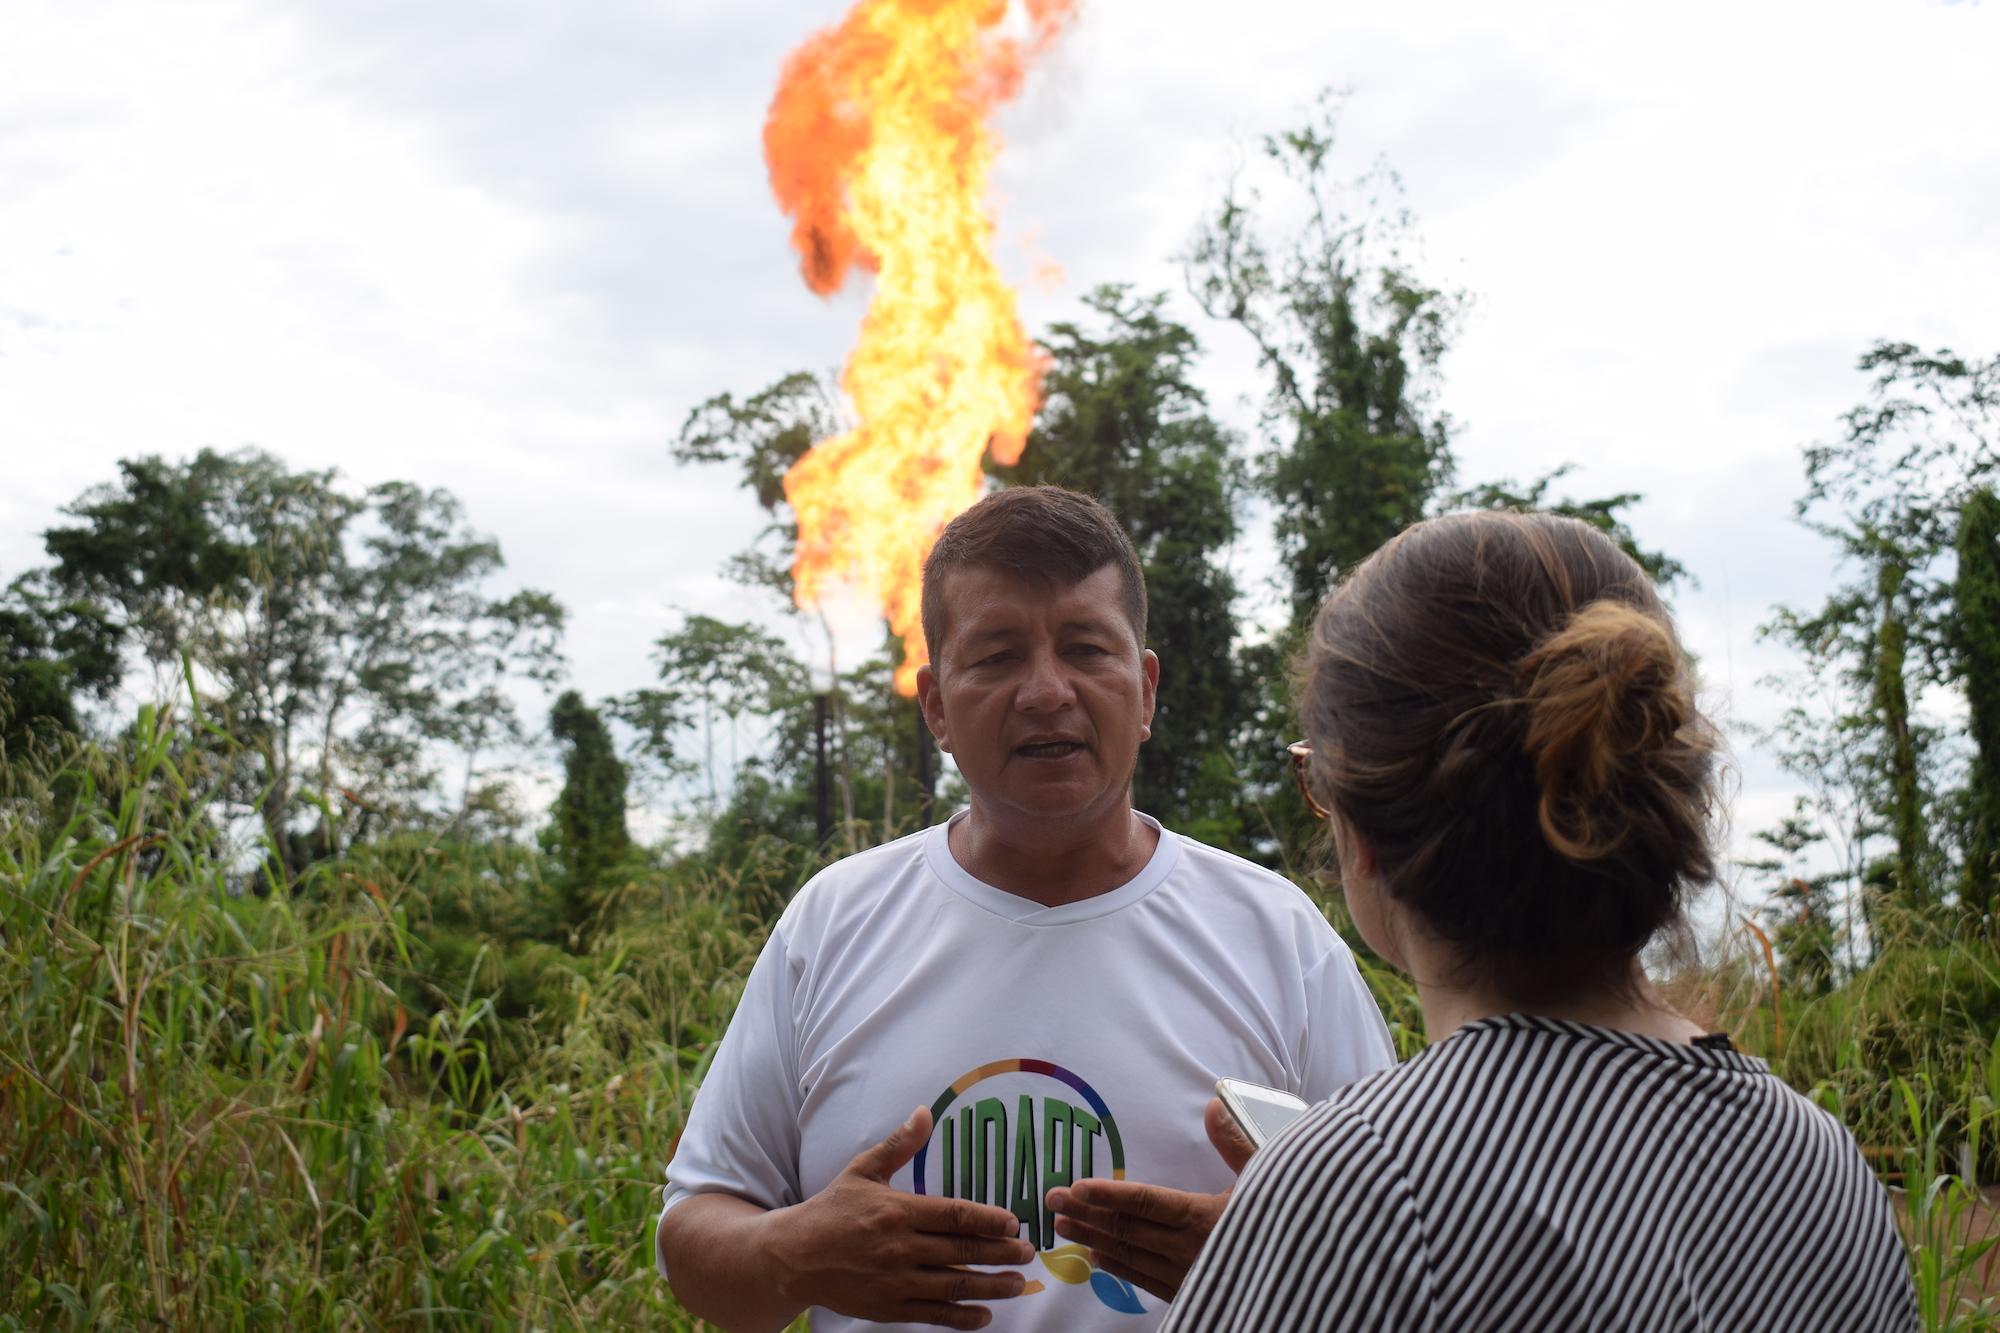 Quema de gas mecheros Ecuador. La quema de gas natural en los mecheros estaría causando afectaciones a la salud en las comunidades que viven cerca de ellos. Algunas personas viven a tan solo 200 metros de distancia. Fotografía de José María León.